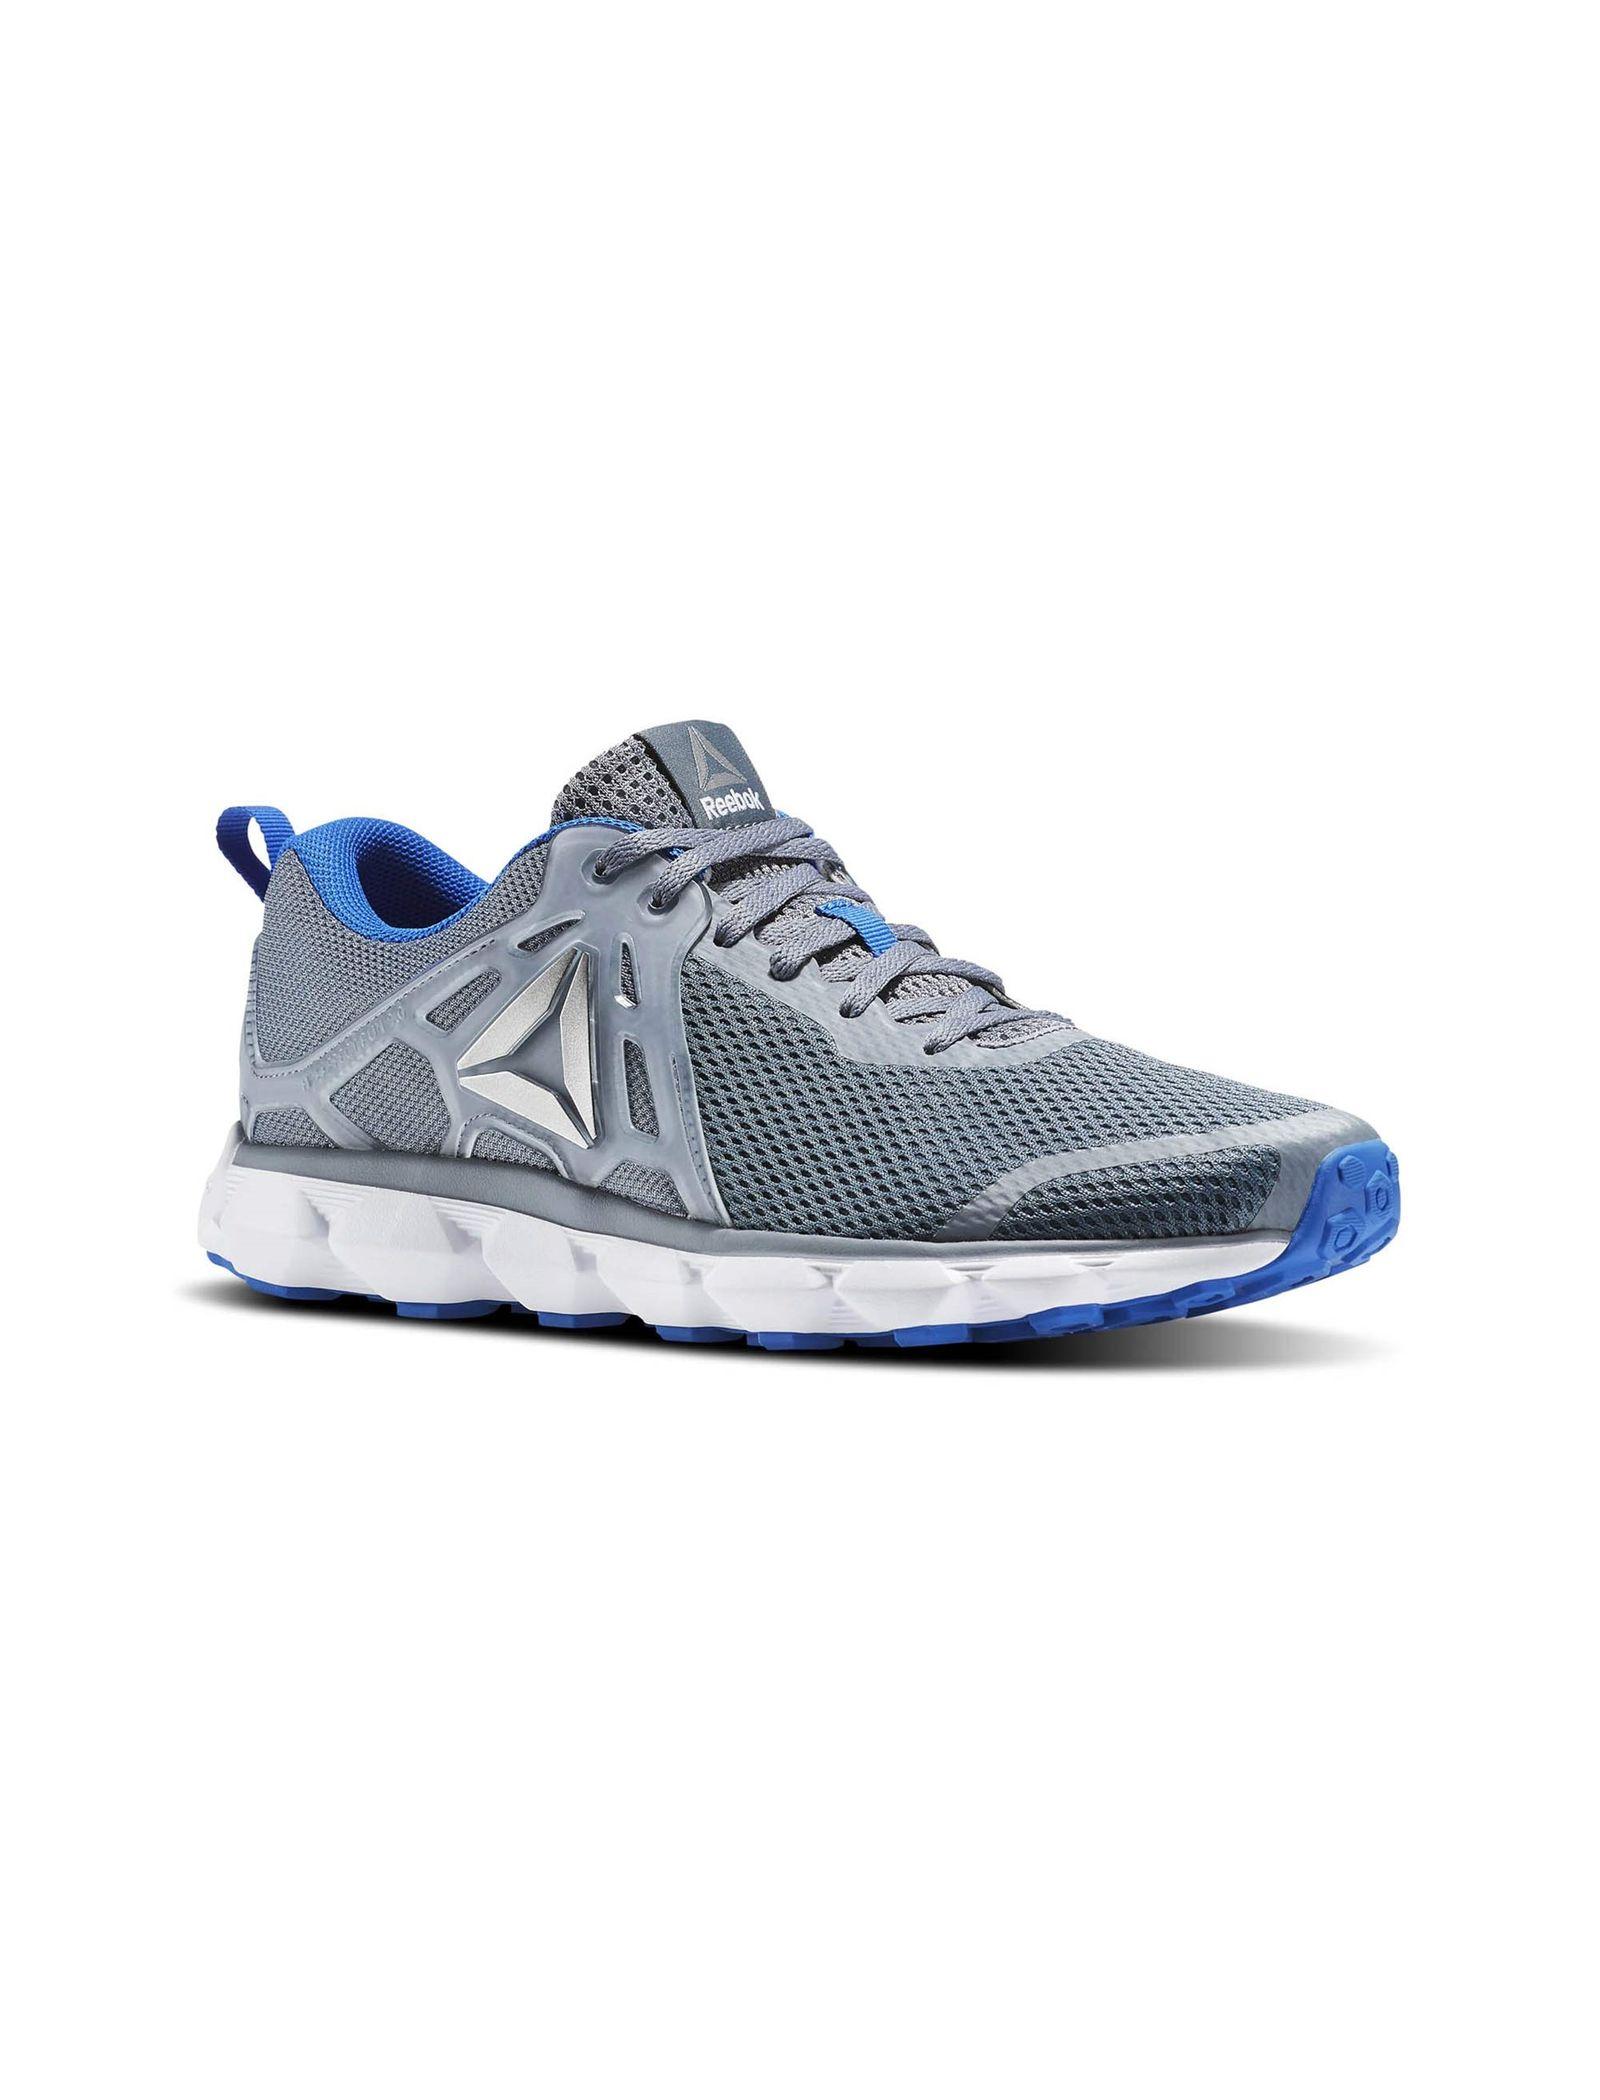 کفش دویدن بندی مردانه Hexaffect Run 5-0 Mtm - ریباک - طوسي - 4